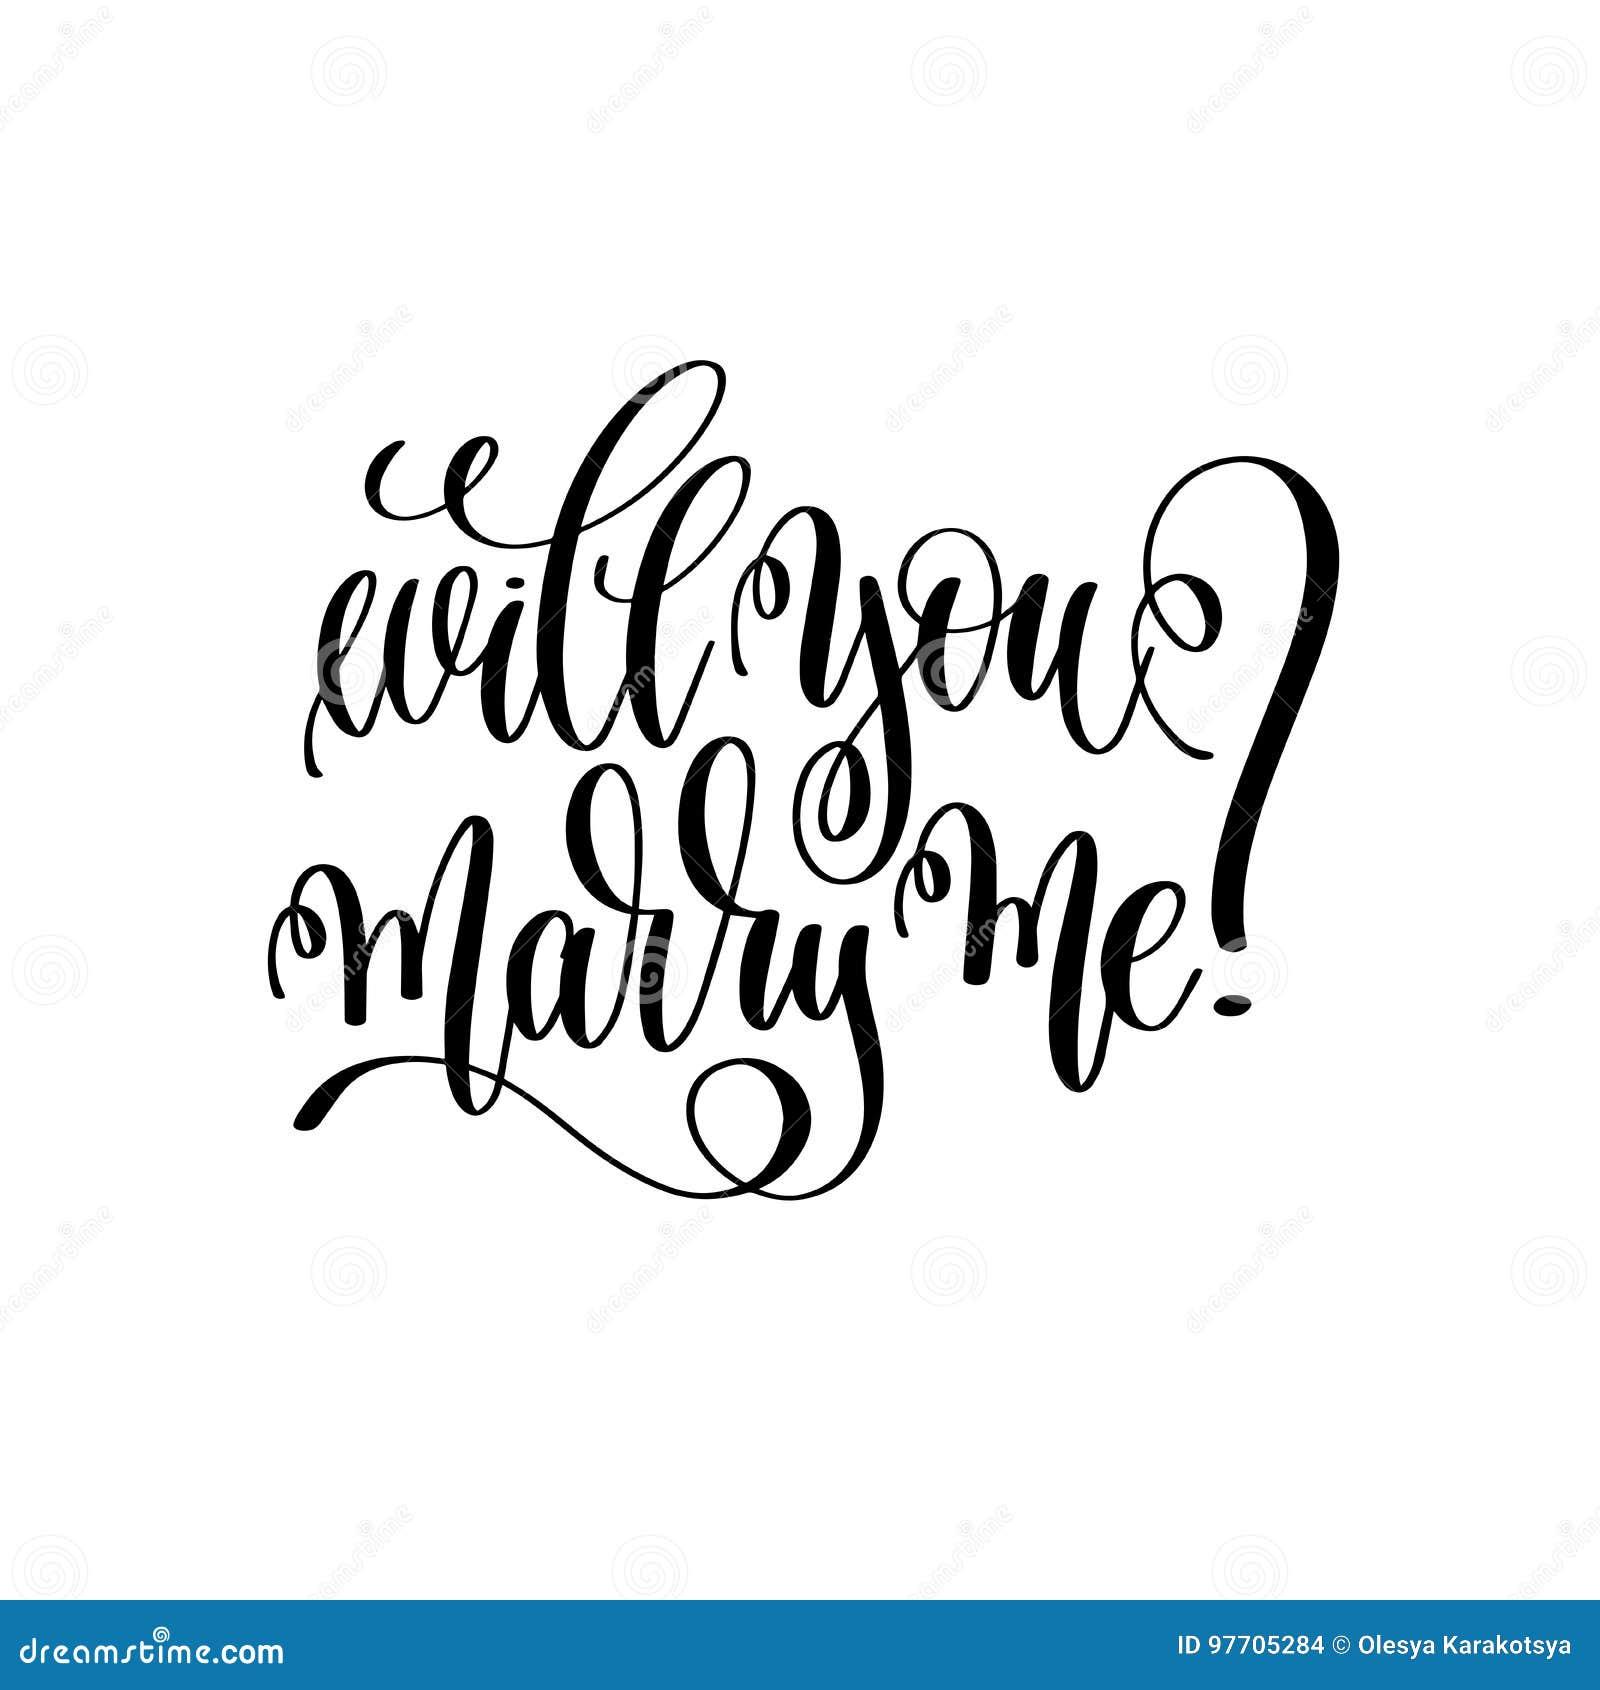 Heiraten Sie Mich - Schwarzweiss-Handbeschriftungsskript